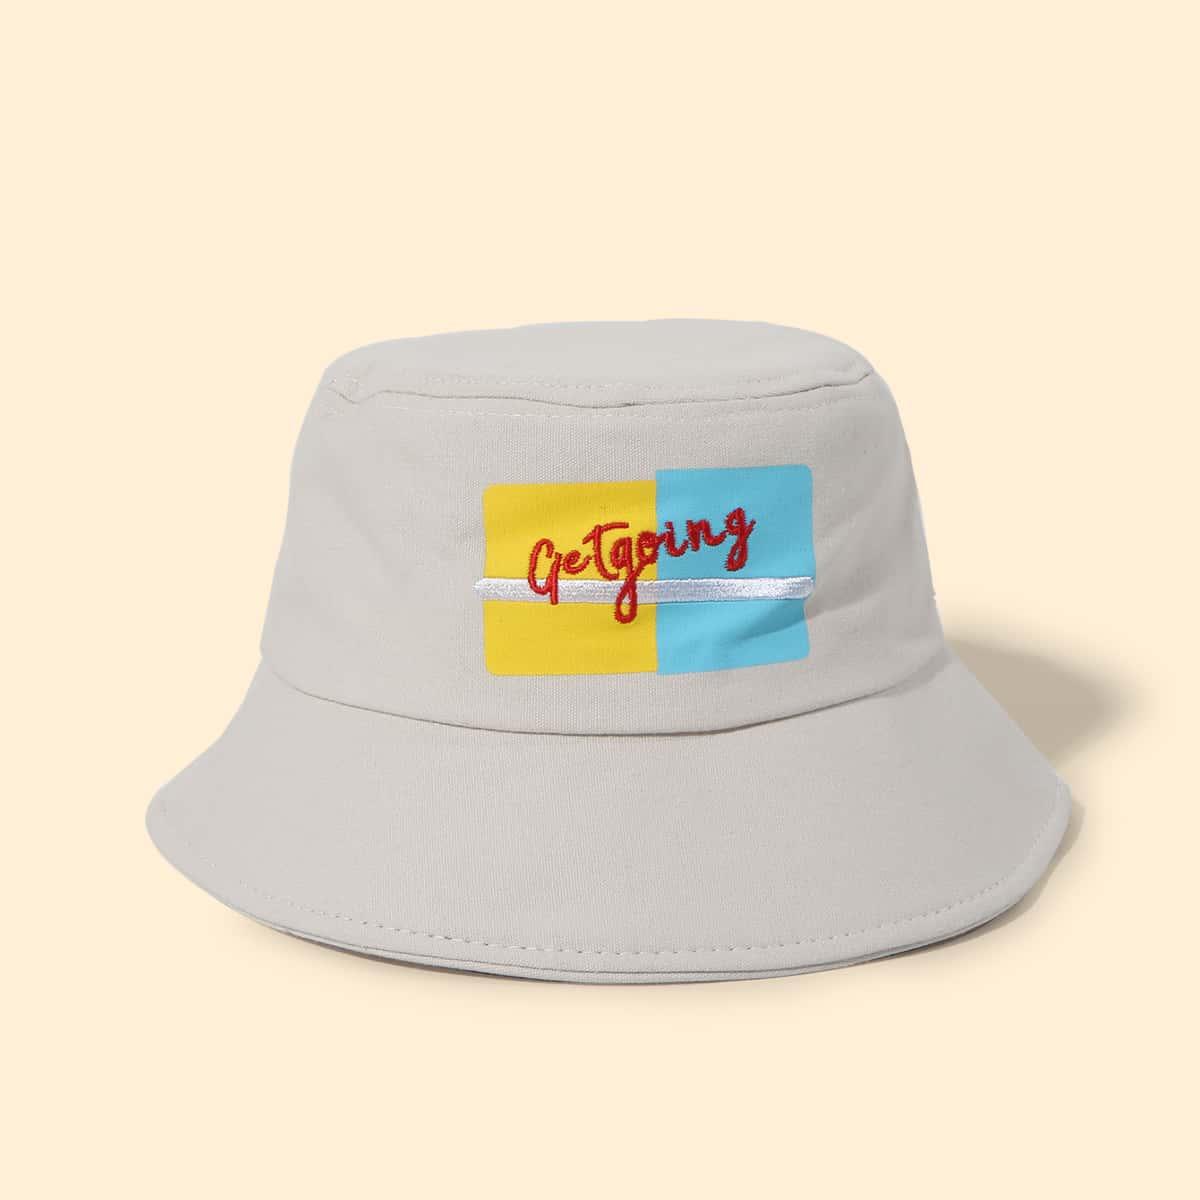 Шляпа с текстовой вышивкой фото